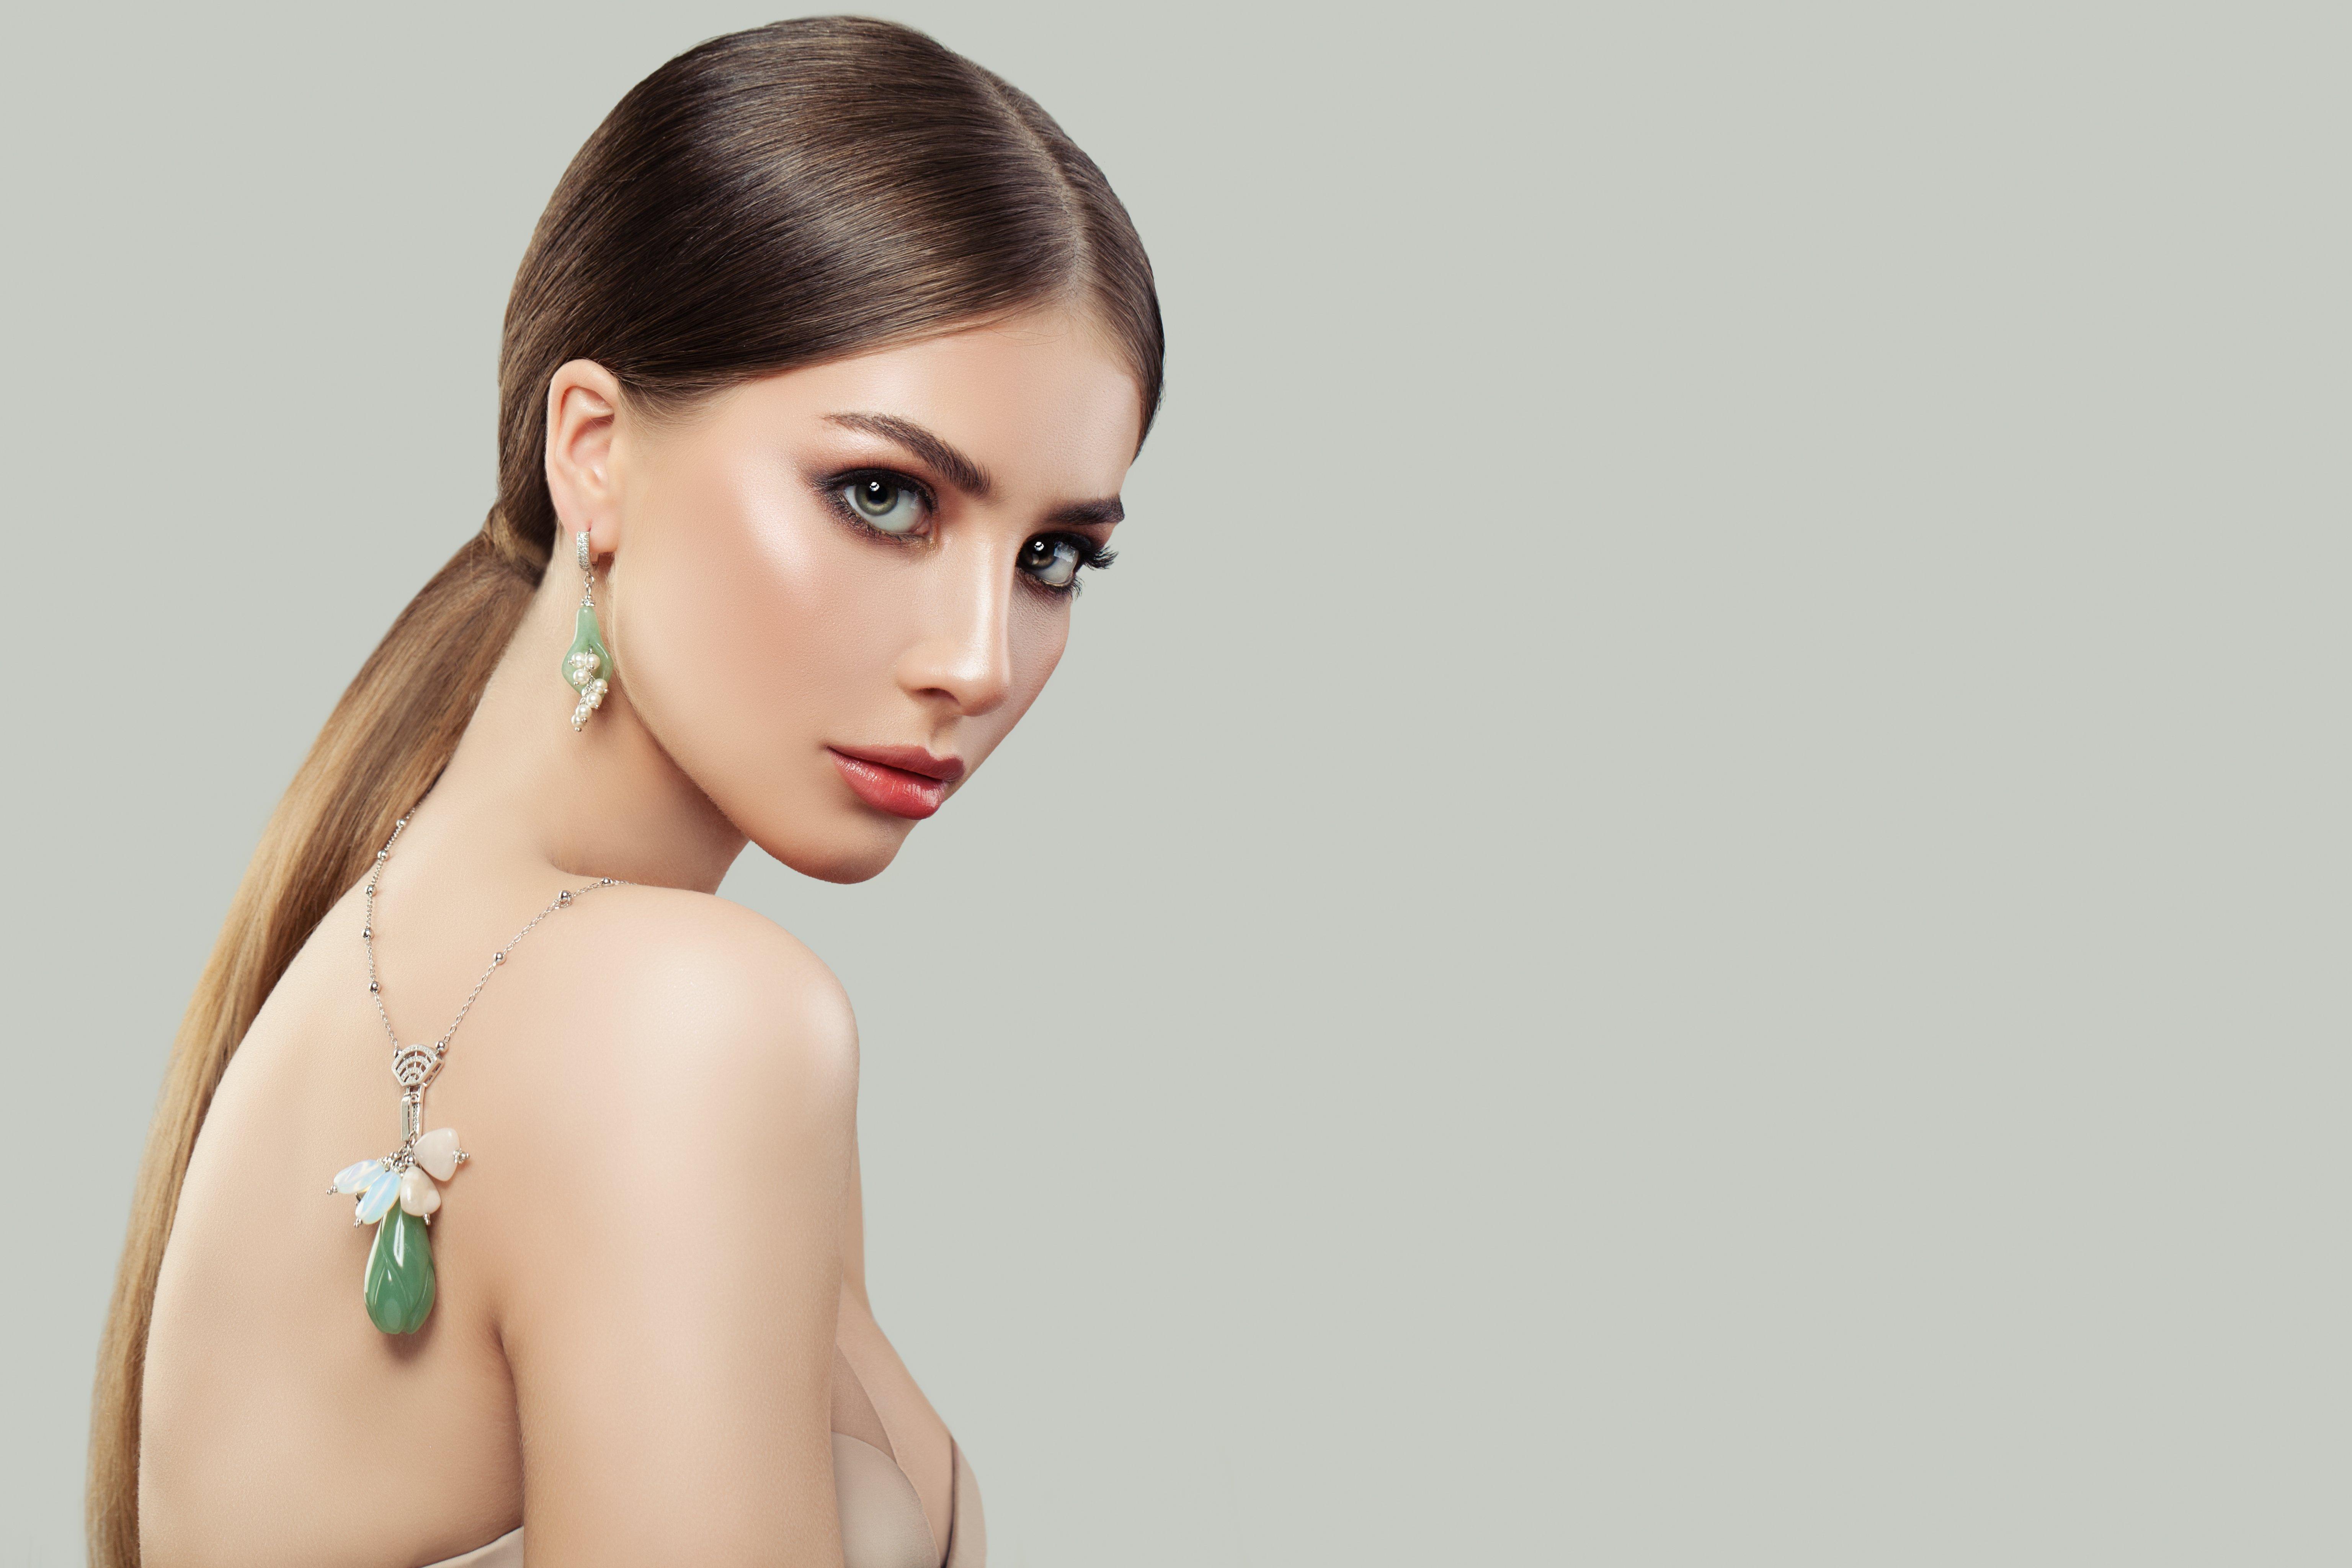 Retrato de mujer elegante luciendo un collar y pendientes con perlas. Fuente: Shutterstock